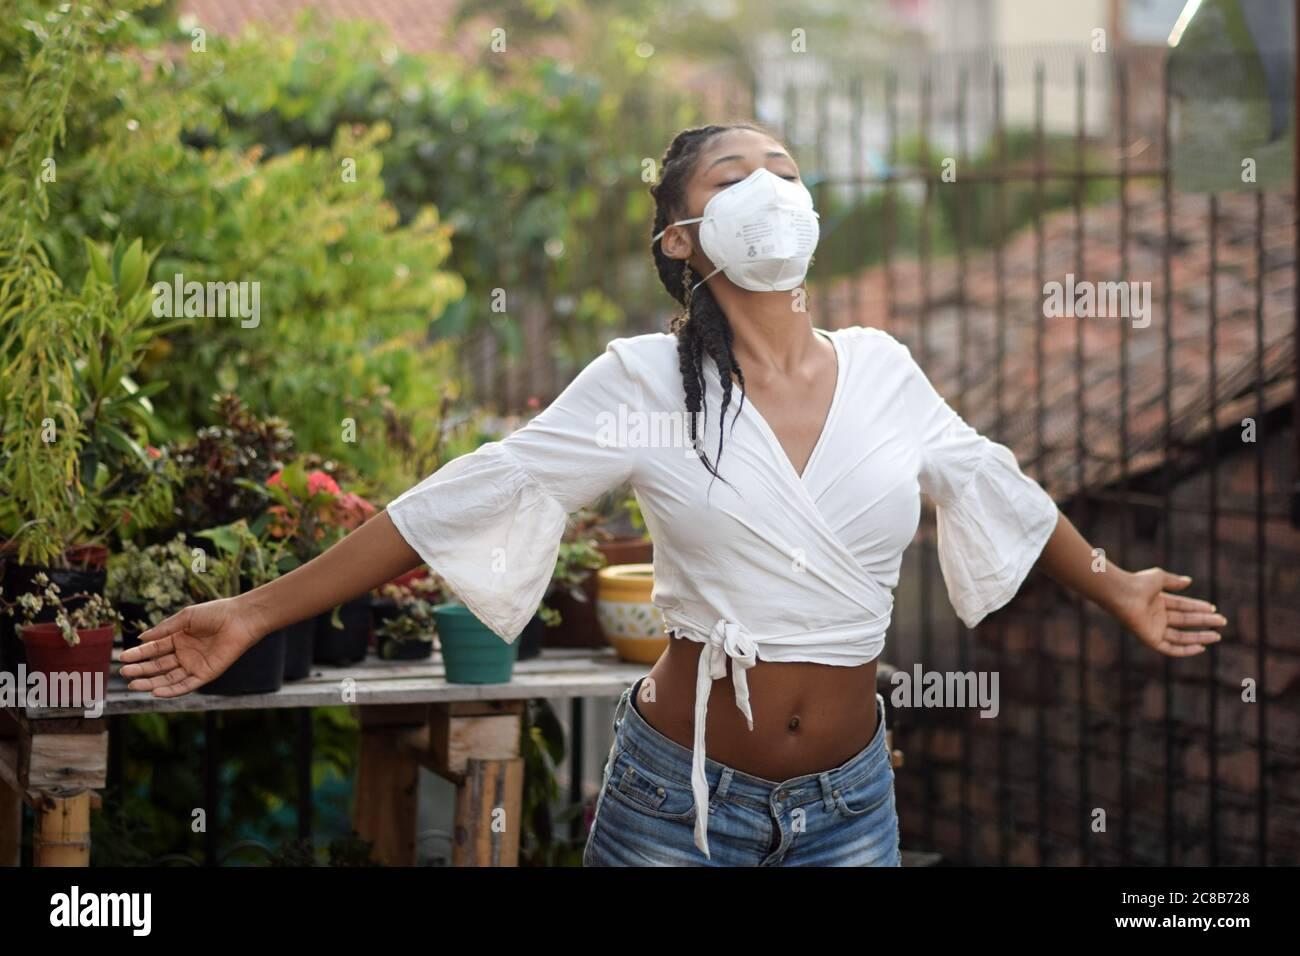 Junge schwarze Frau in Gesichtsmaske öffnet ihre Arme und entspannt im Balkon Stockfoto